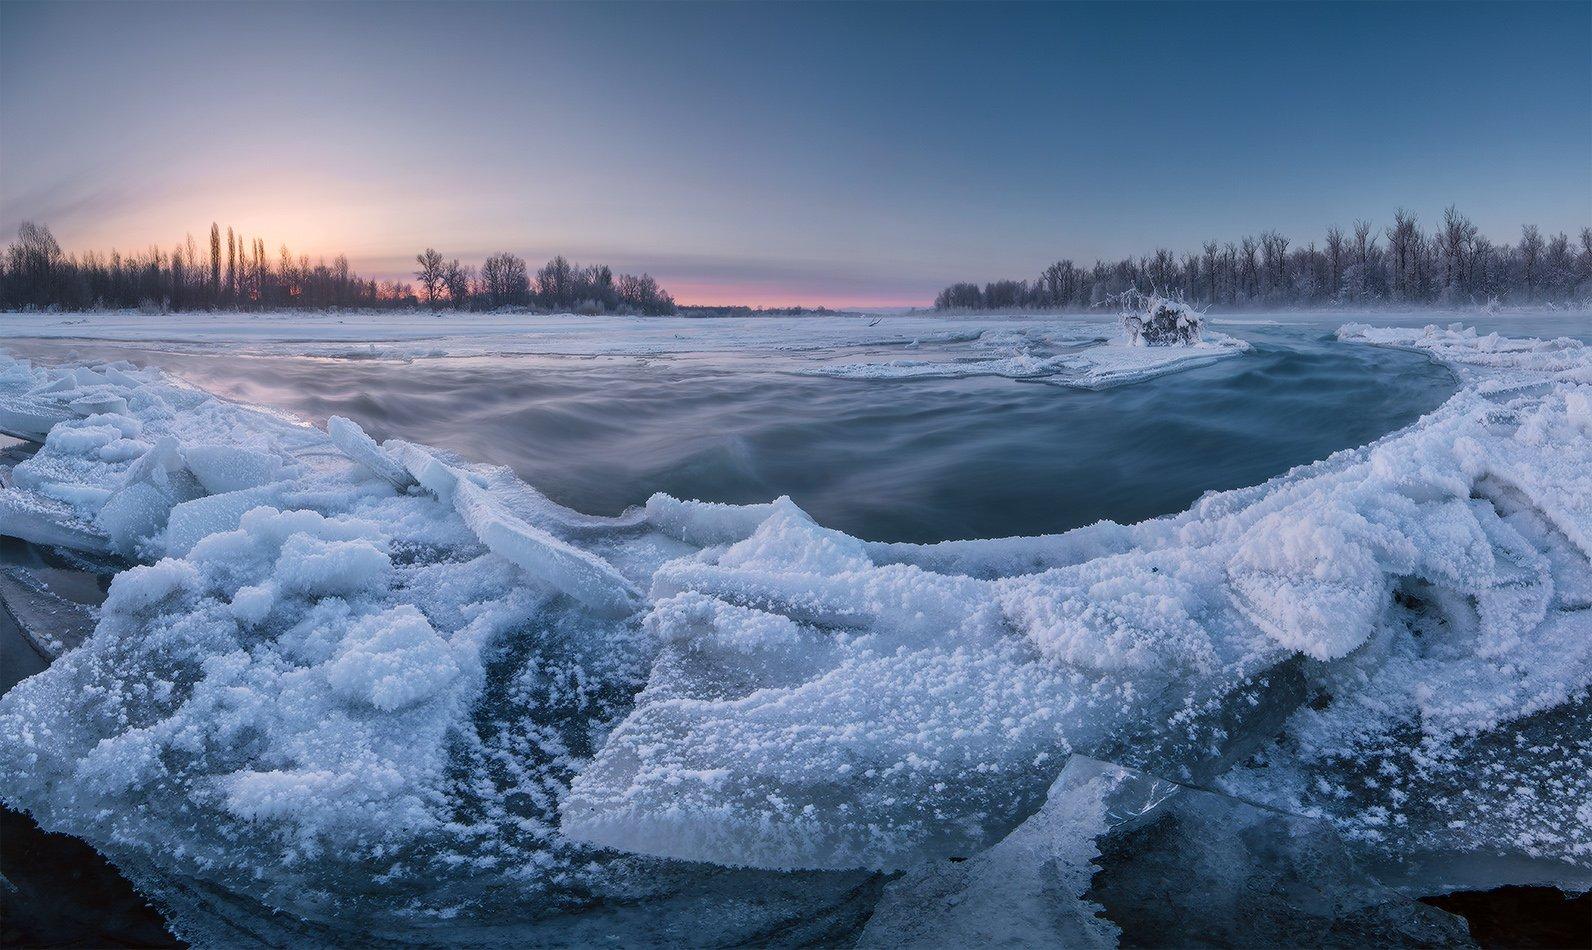 февраль рассвет ледяной остров, Николай